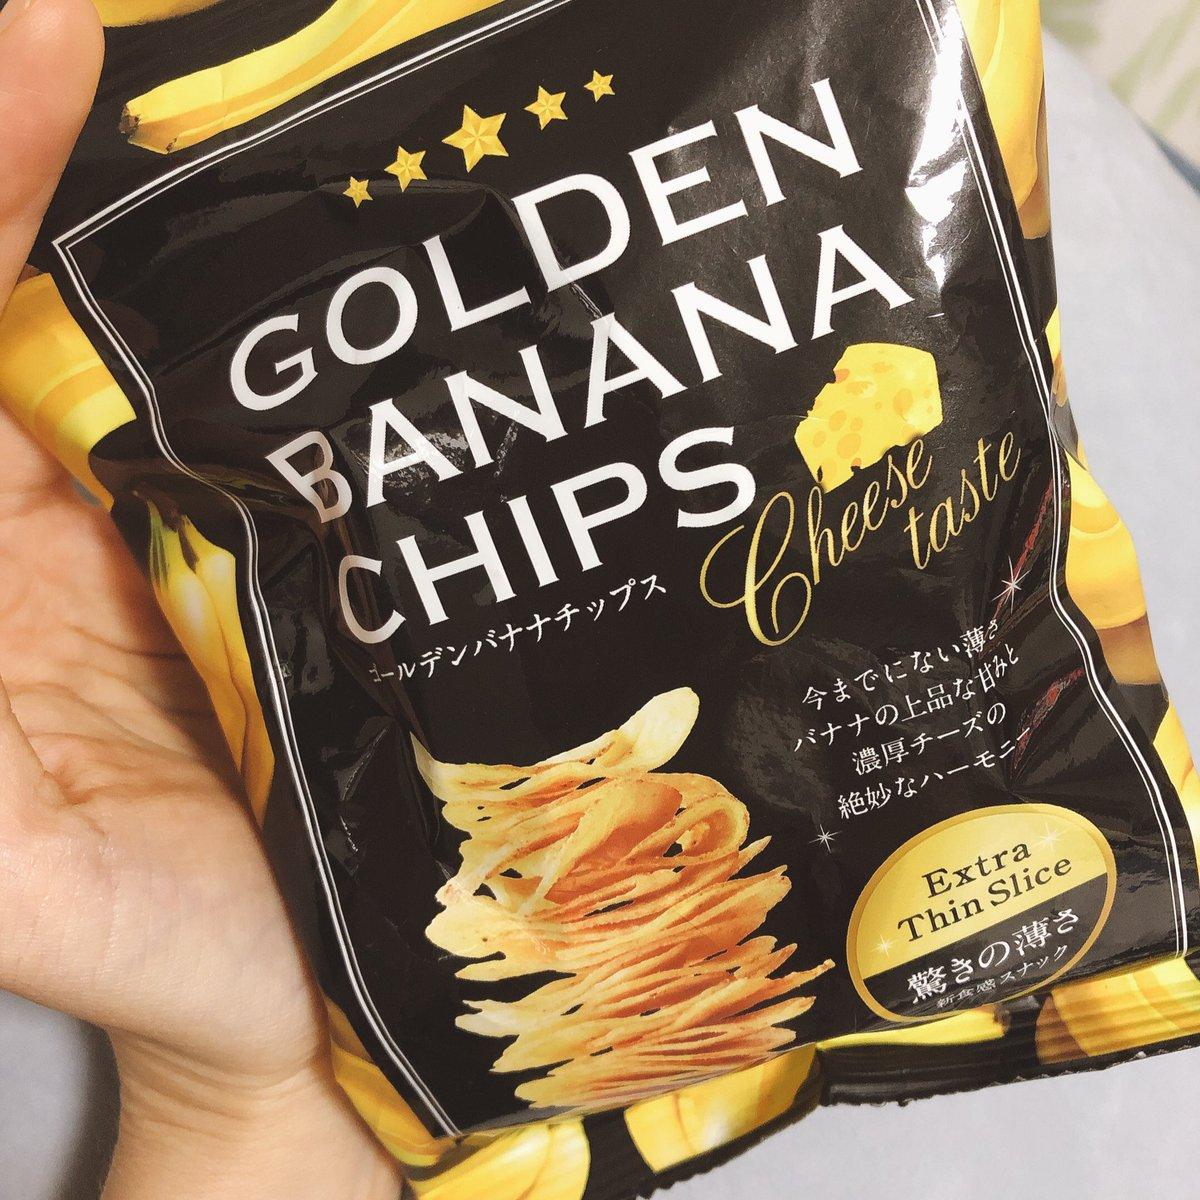 おやつに買ったんだけどコレおいしかったよ✌️バナナ味〜!っていうよりふんわりバナナの香りを感じる...って感じ🍌ただ少し粉々になっている感ありましたね😌驚きの薄さだから割れちゃってたのかしら😆笑